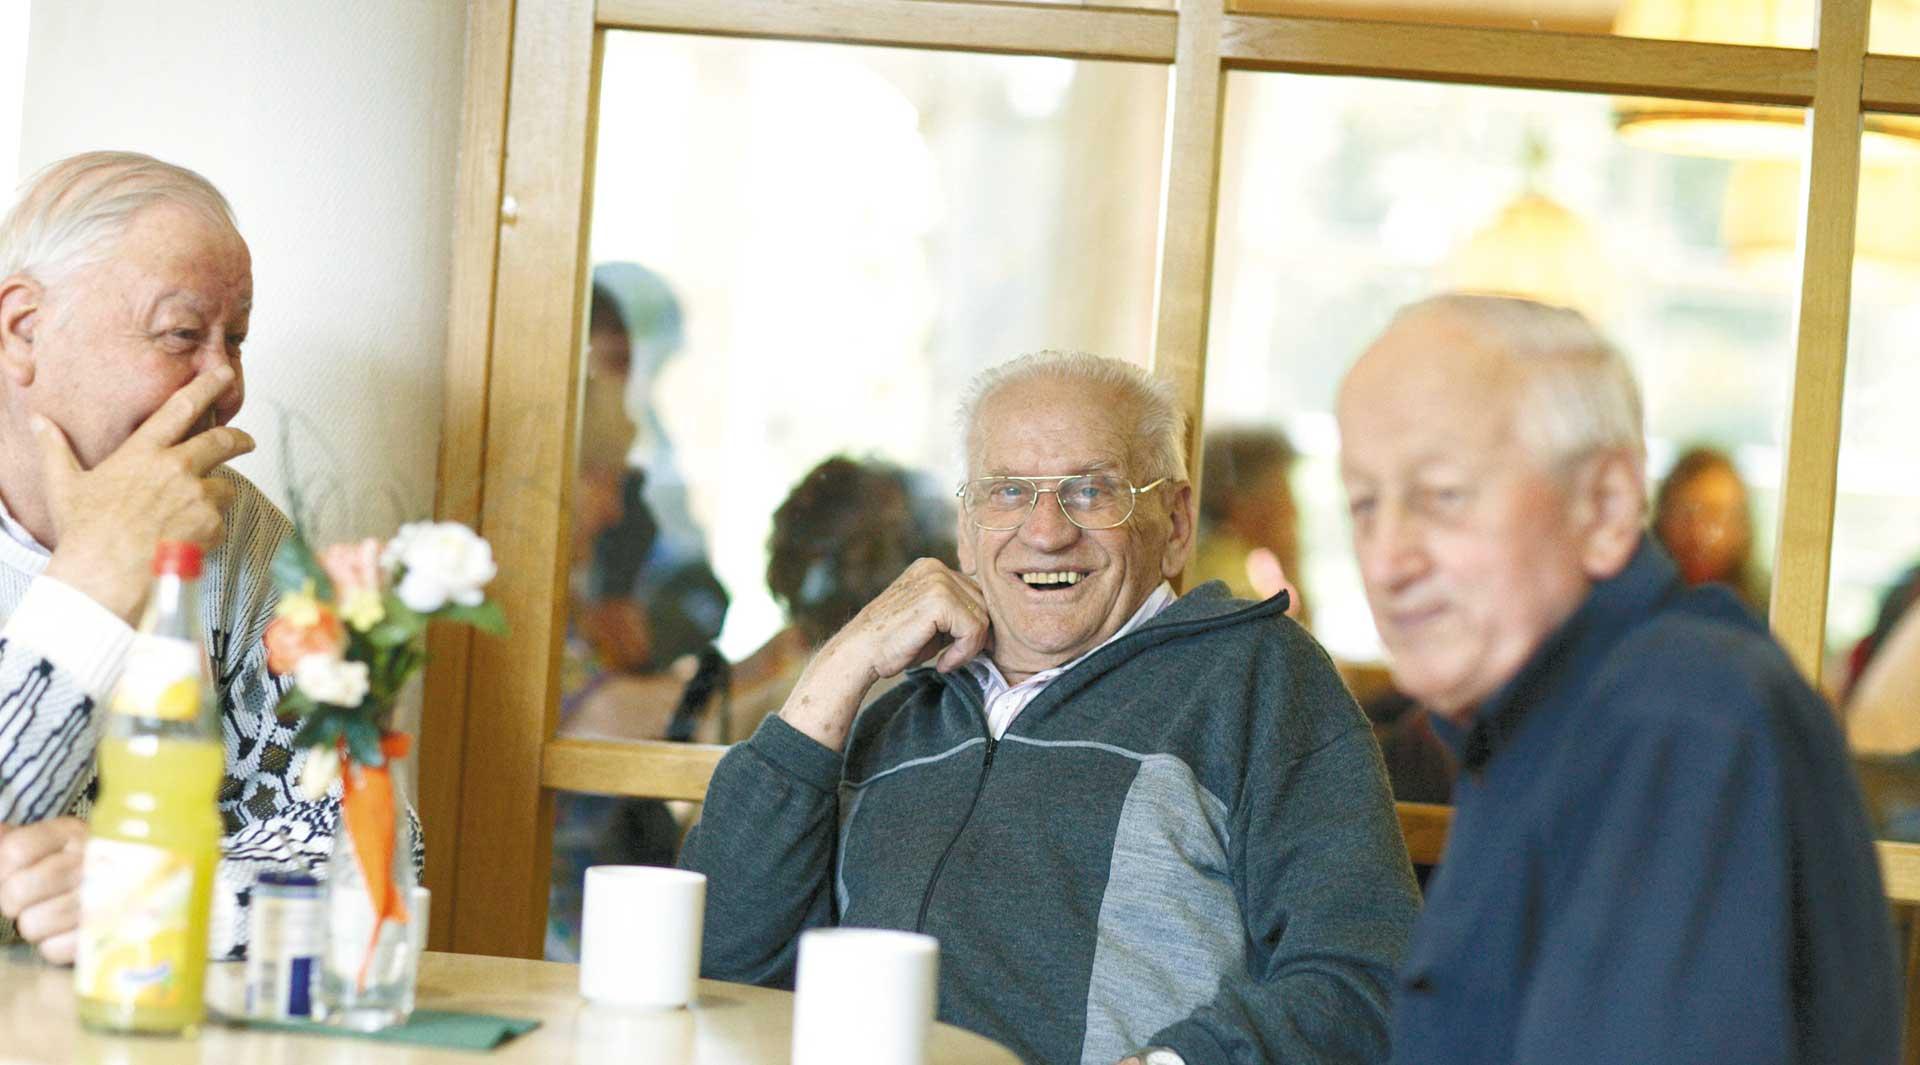 Kreisaltenheim Traunstein - Senioren